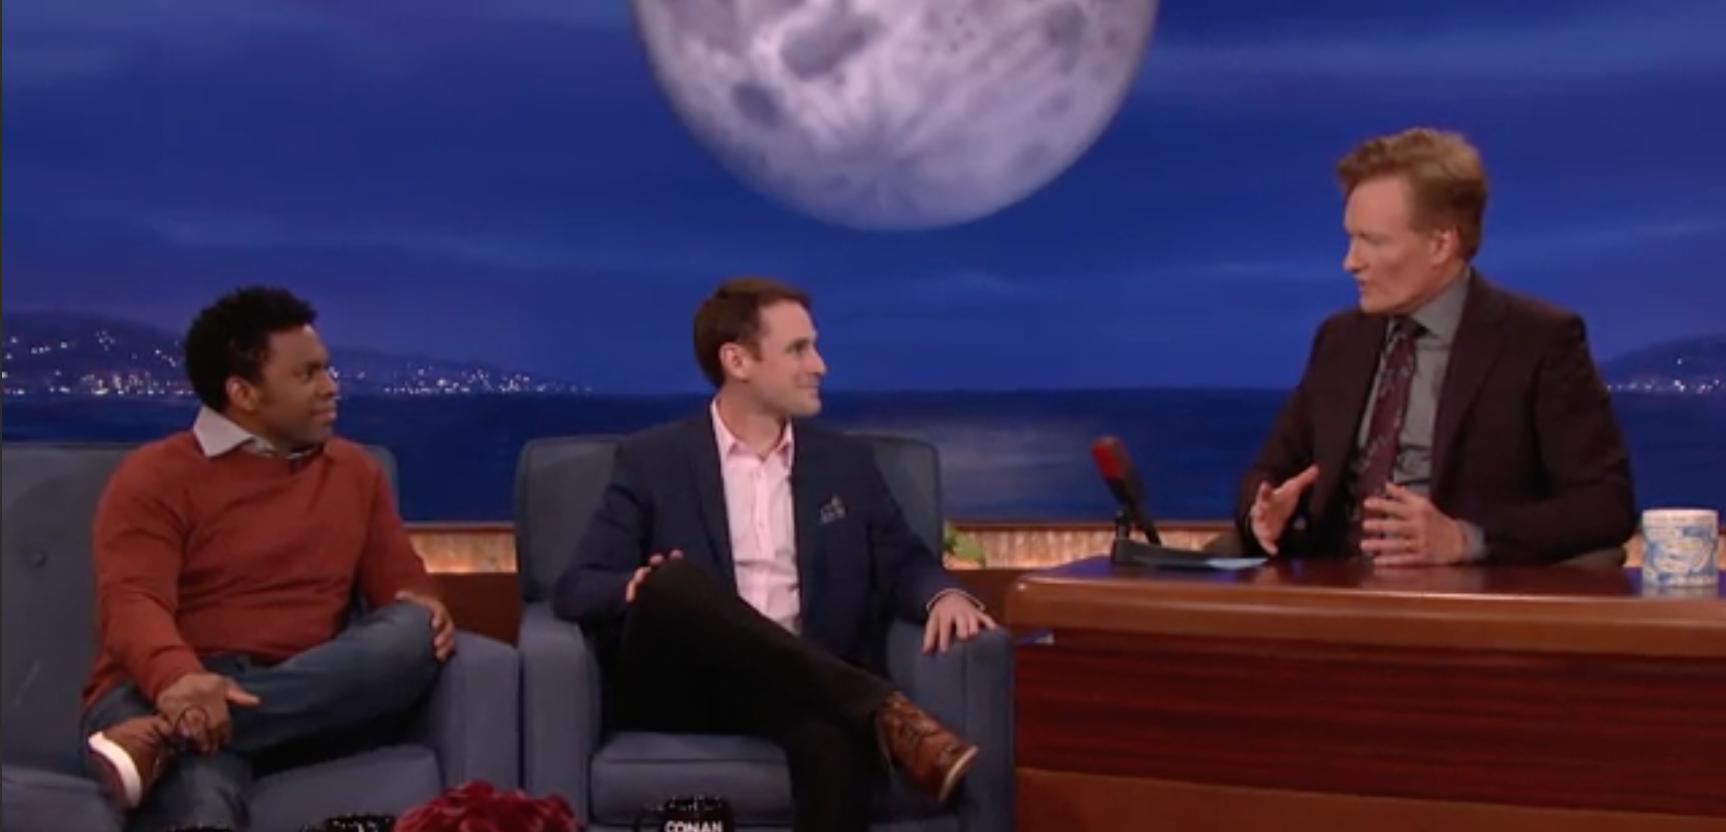 Studio C Visits Conan, Talks Clean Comedy